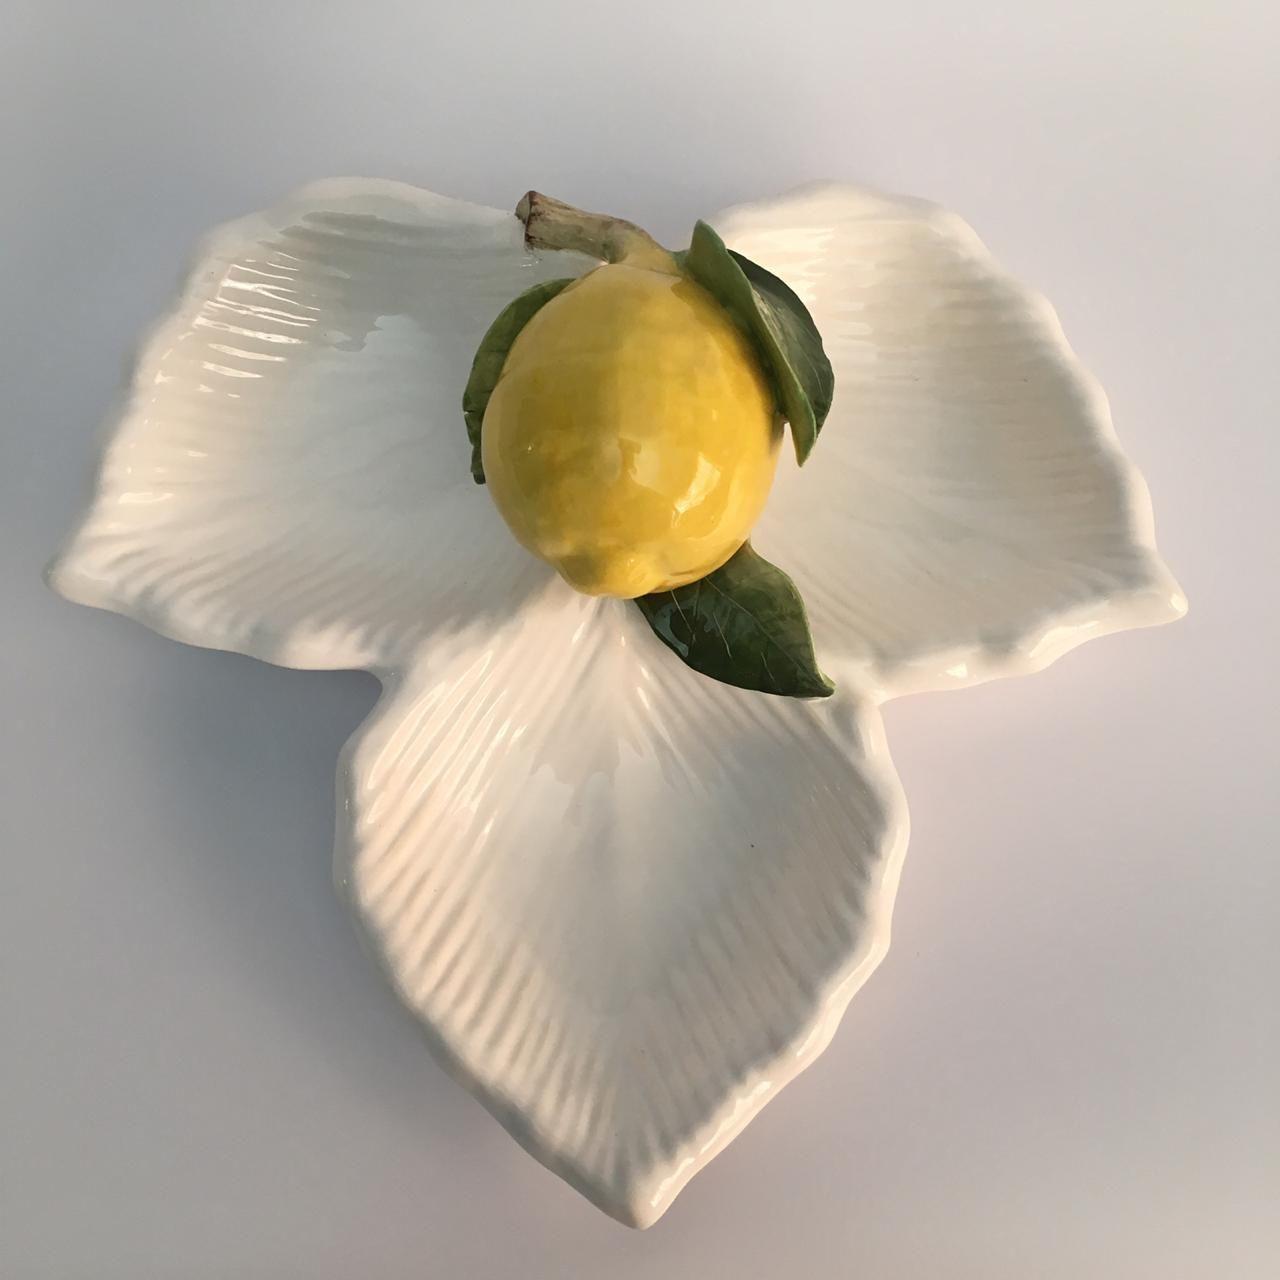 Petisquerira branca 3 folhas de limão  A 10 C 26,5 L 28 Zanatta casa